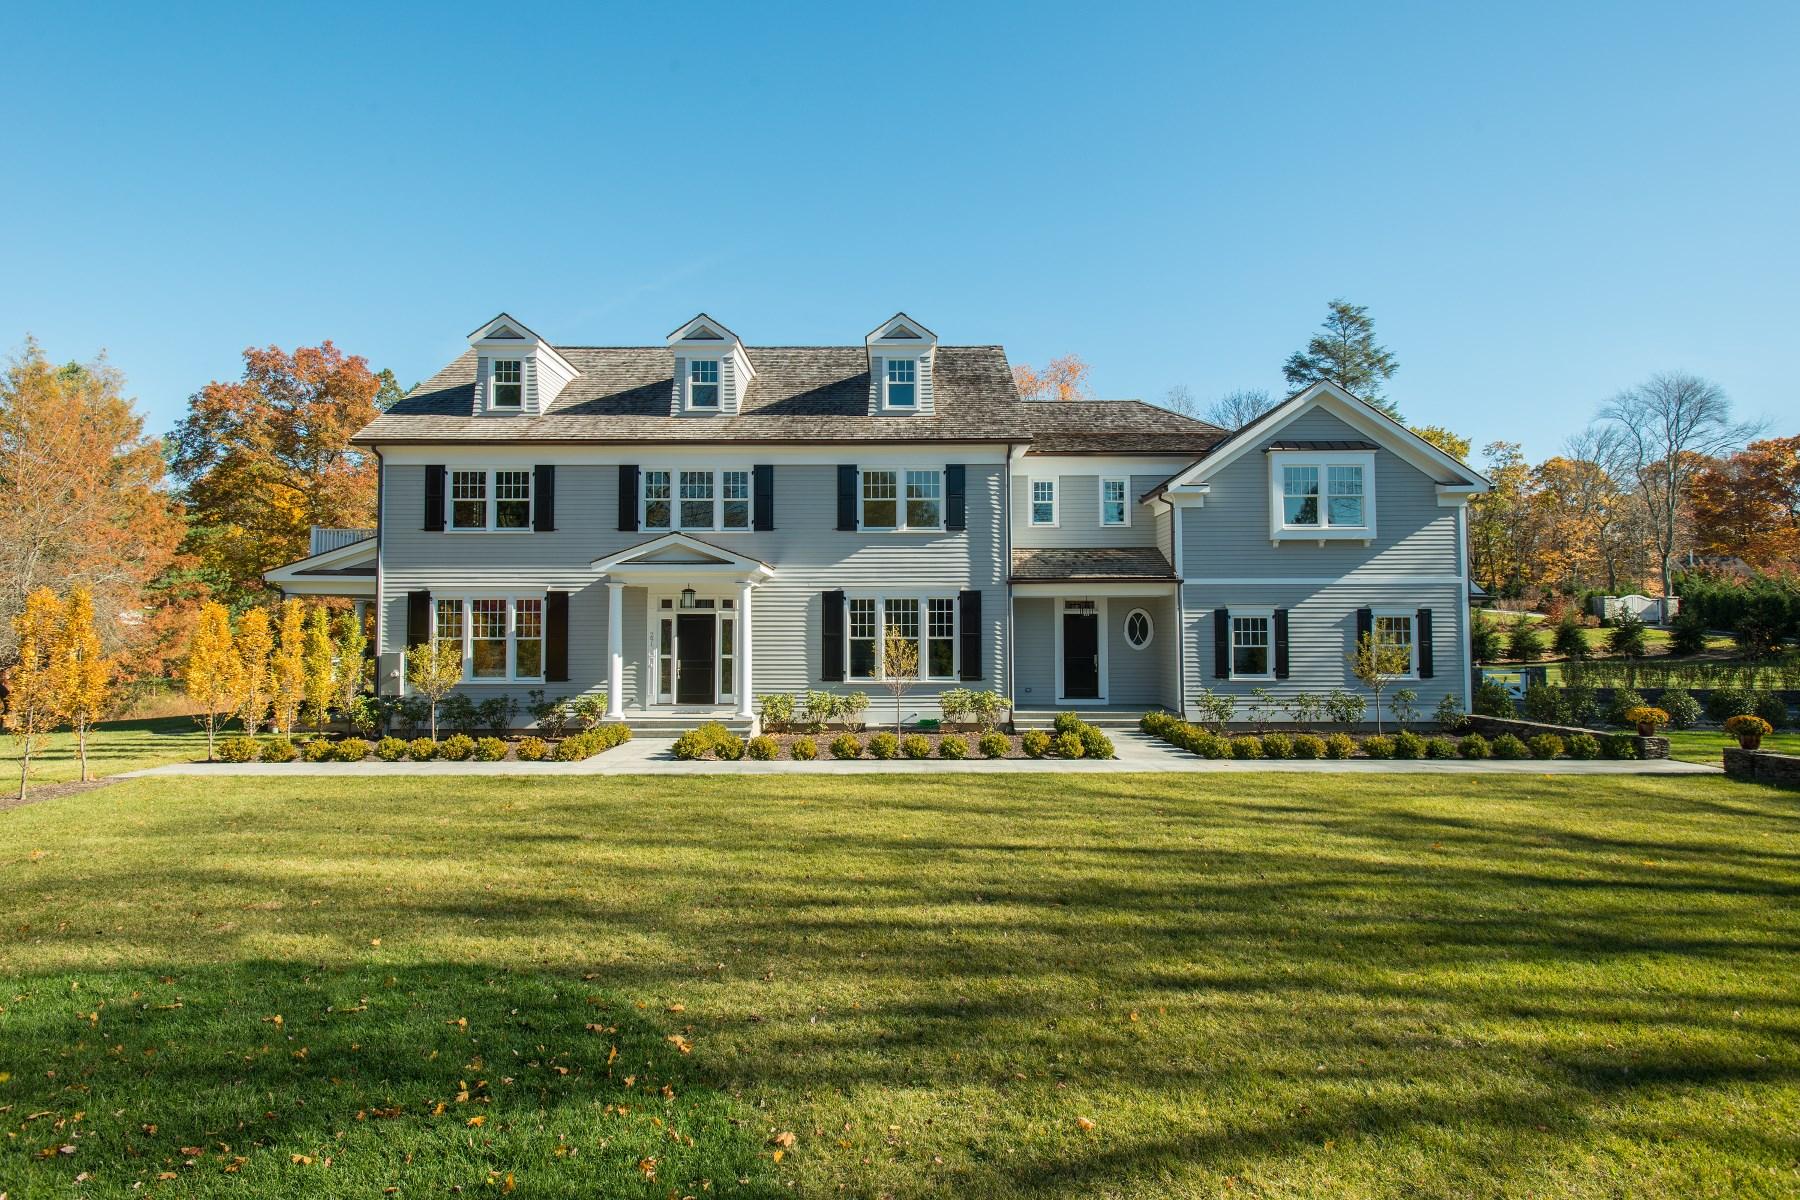 Maison unifamiliale pour l Vente à Stanwich Road 291 Stanwich Road Greenwich, Connecticut, 06830 États-Unis